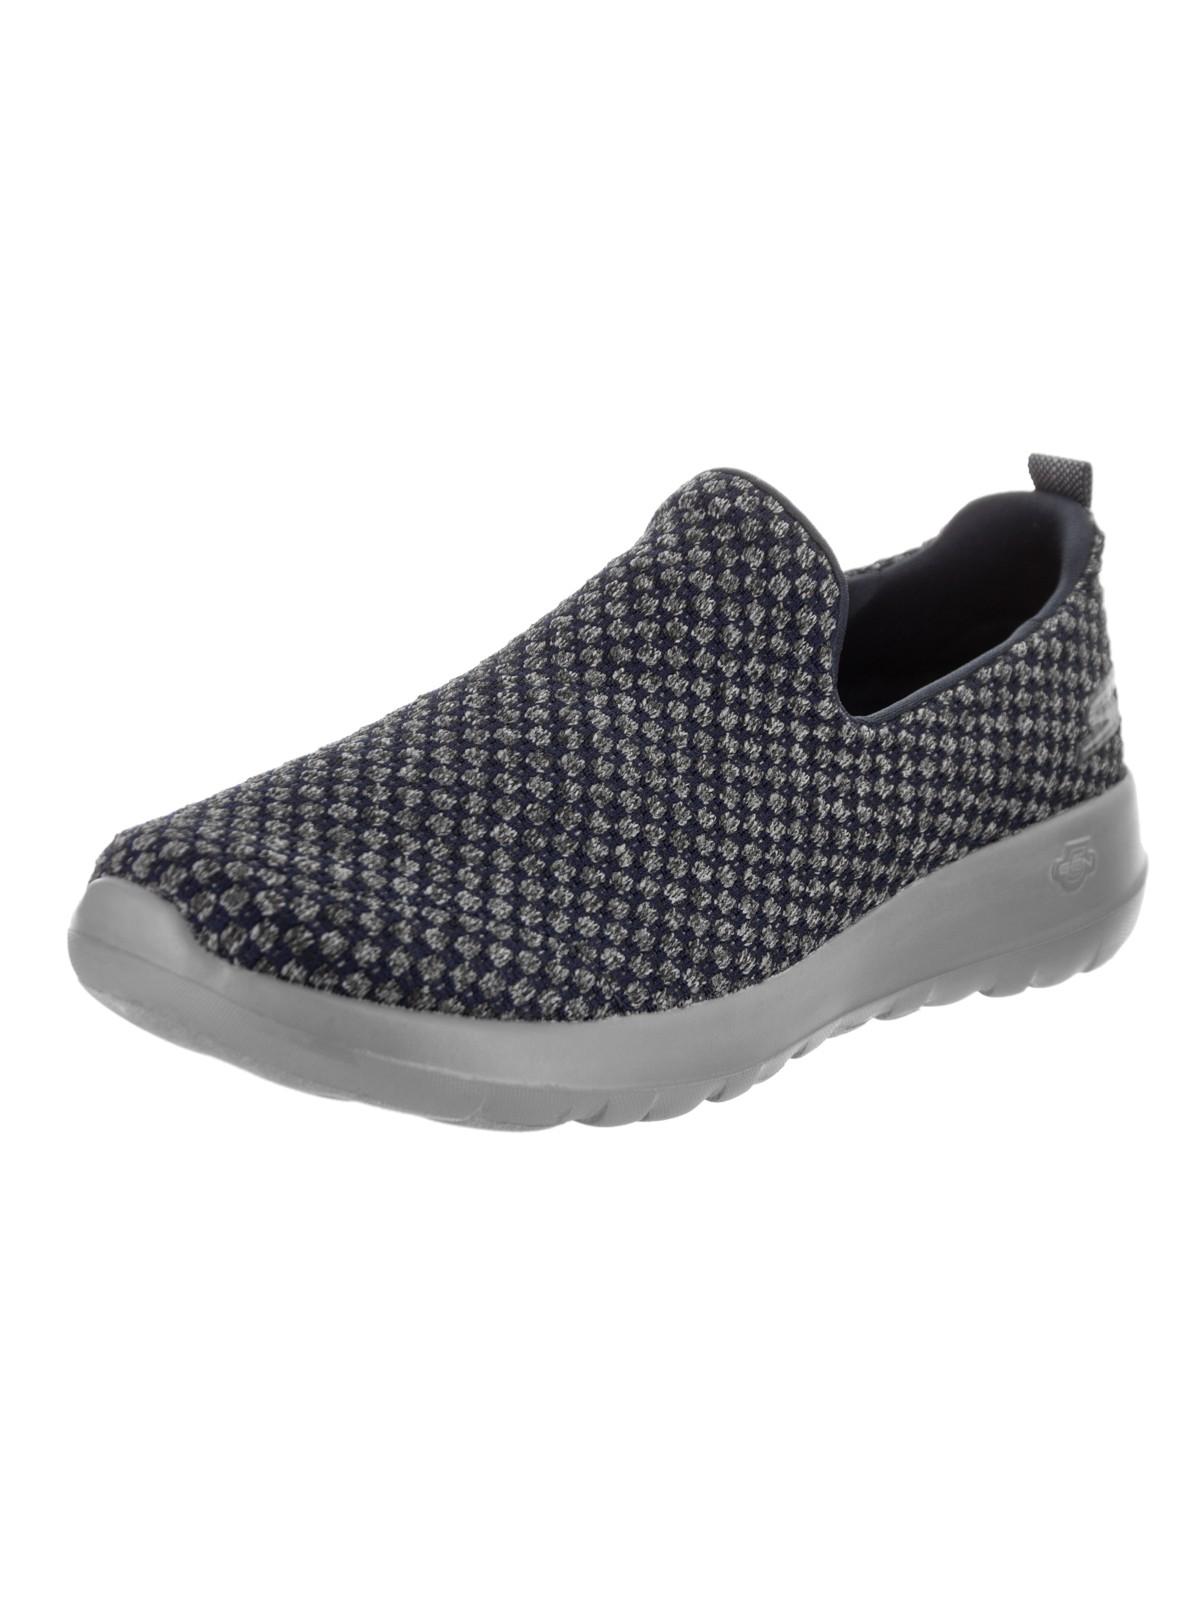 Skechers Men's Go Walk Max - Soothie Slip-On Shoe